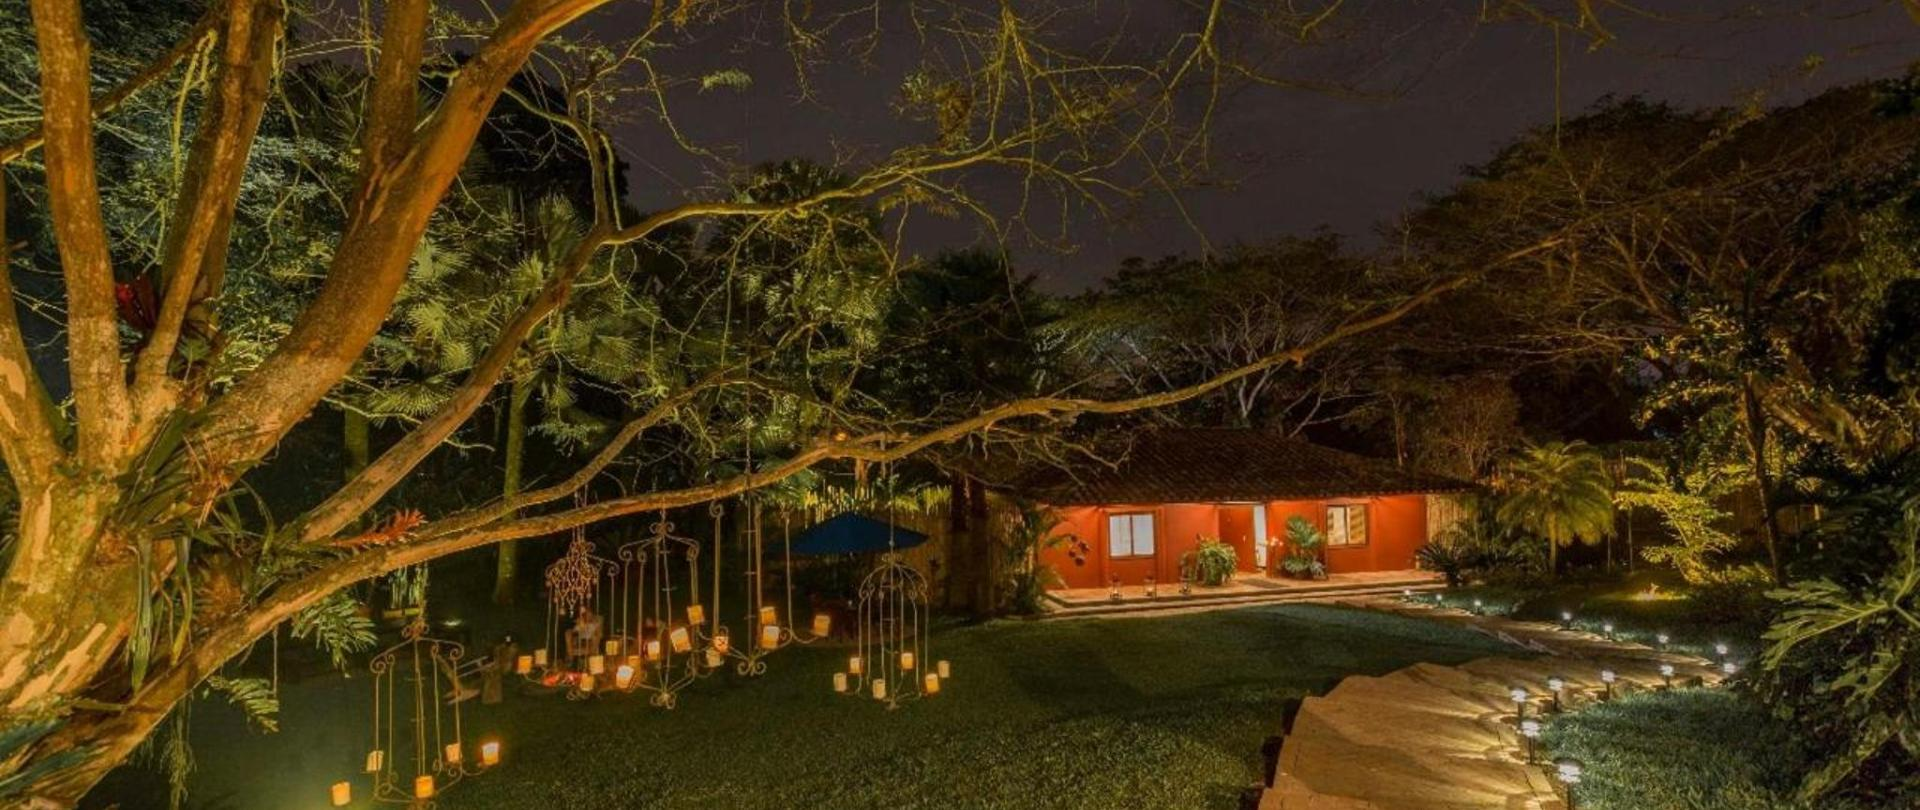 Nuestros arboles en la noche.jpg